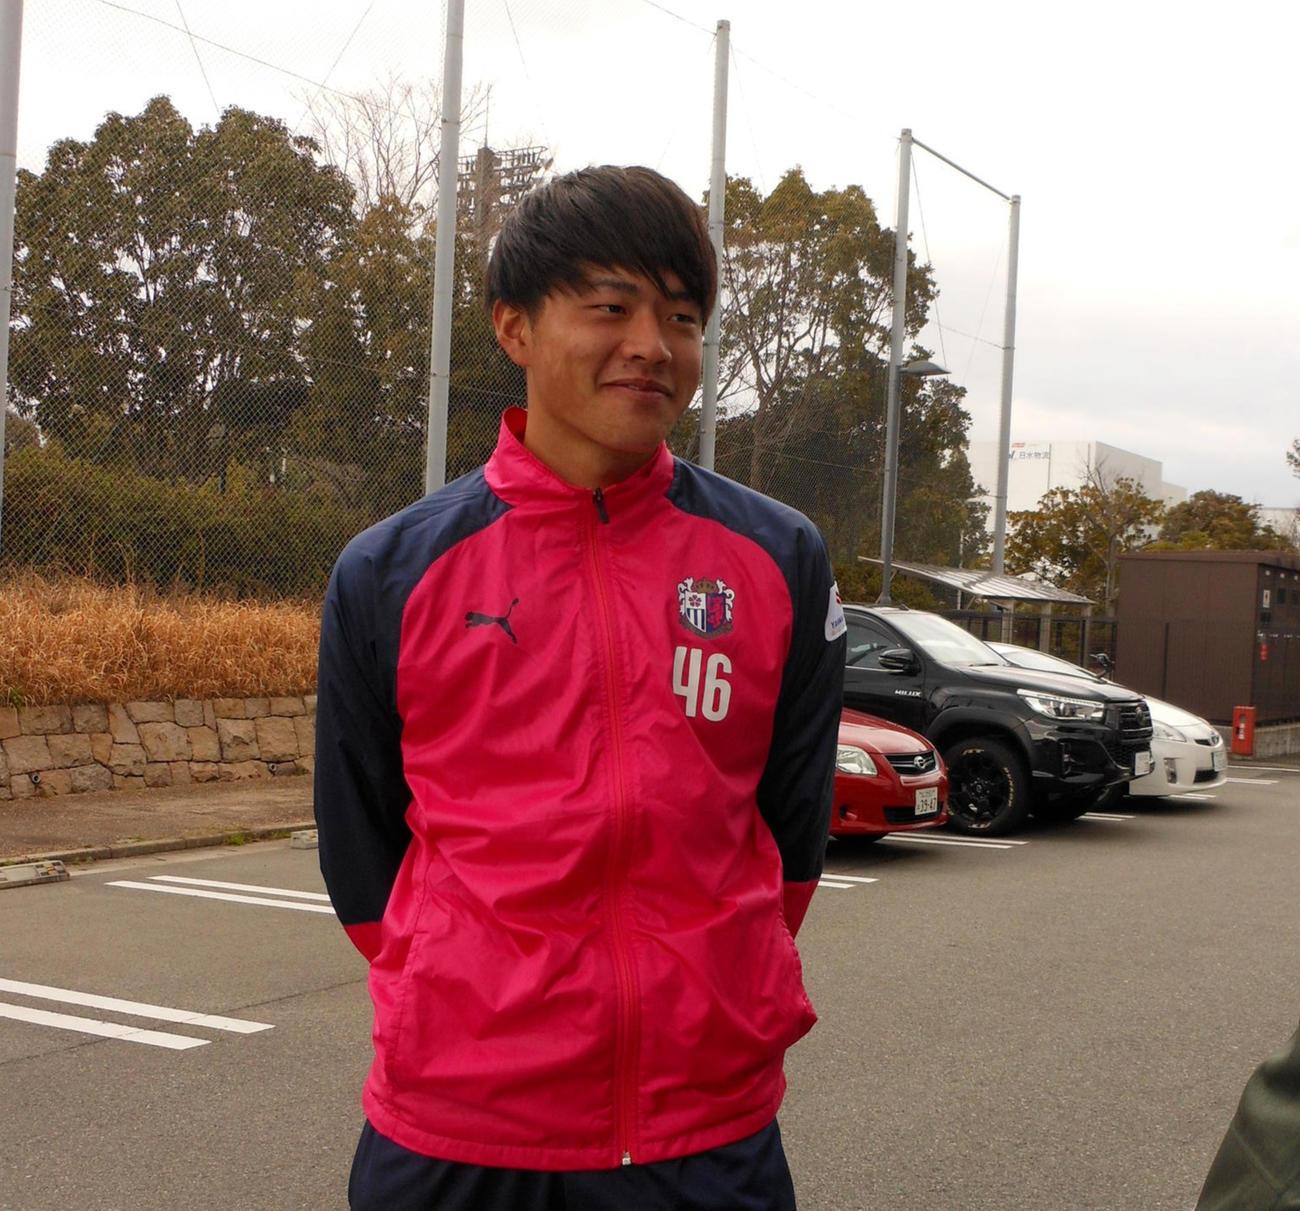 C大阪の新人DF田平は、有力視されたプロデビュー戦が延期となっても表情は明るい